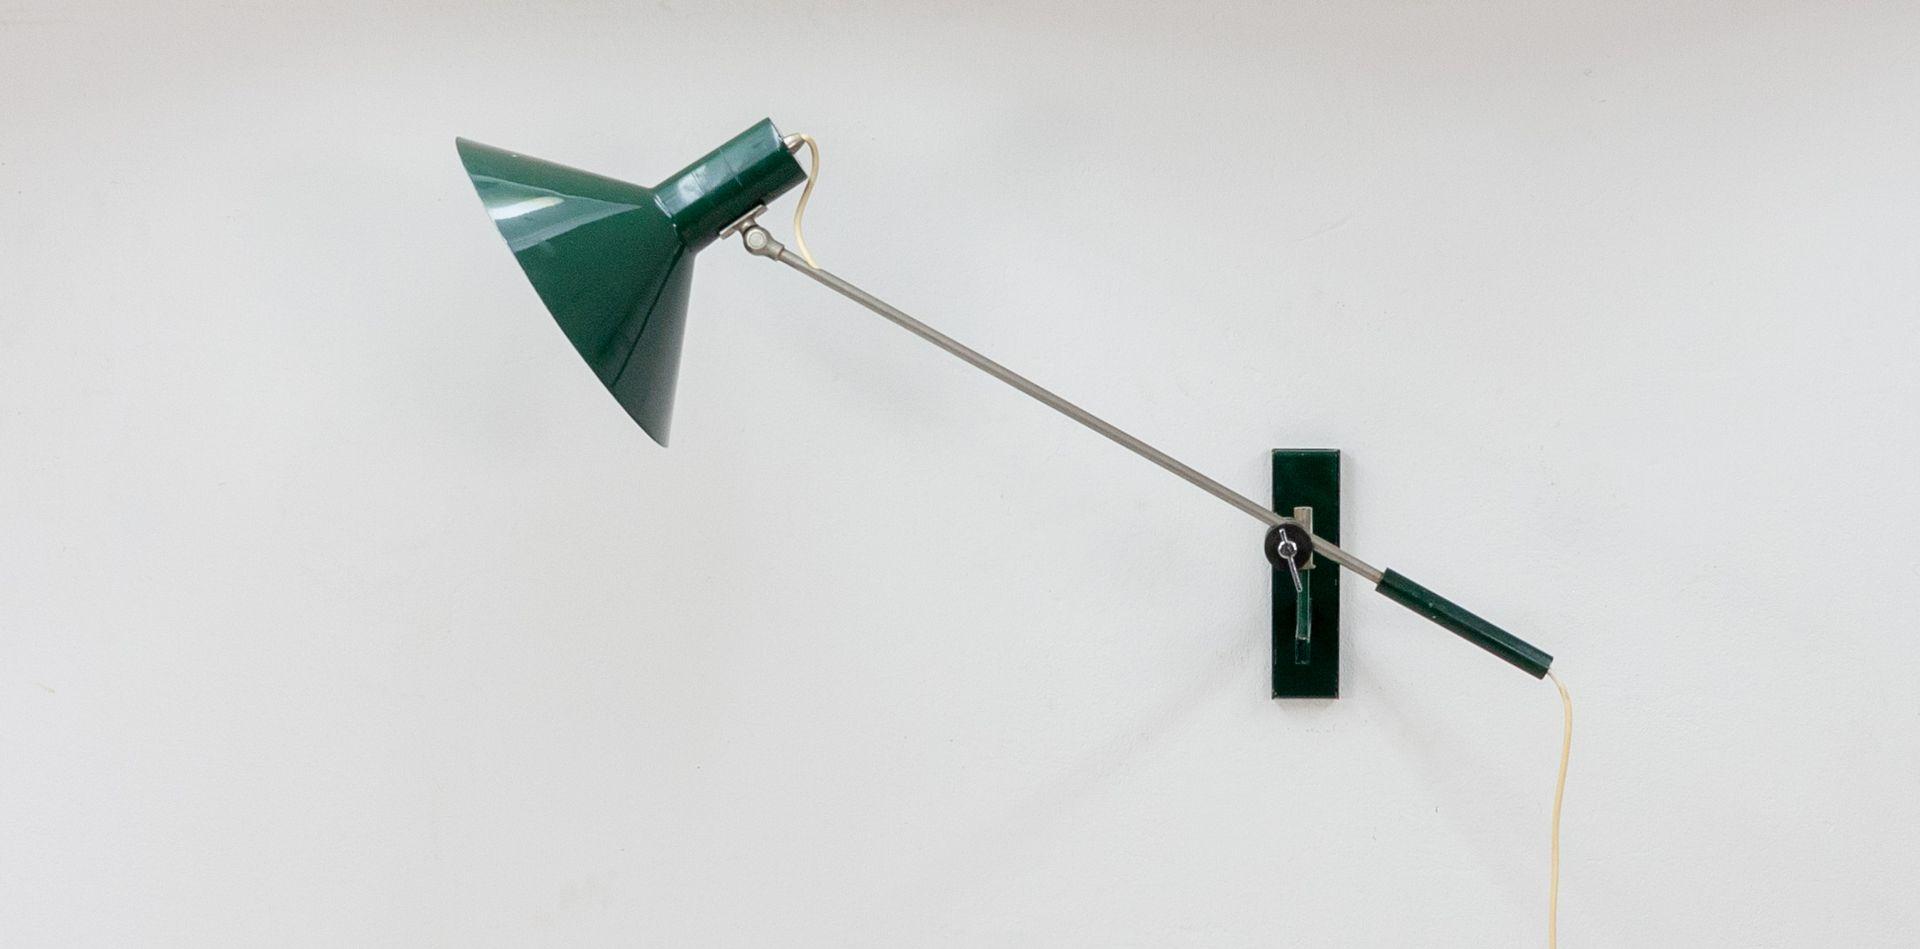 Wandlampe mit Gegengewicht von J. J. M. Hoogervorst für Anvia, 1964